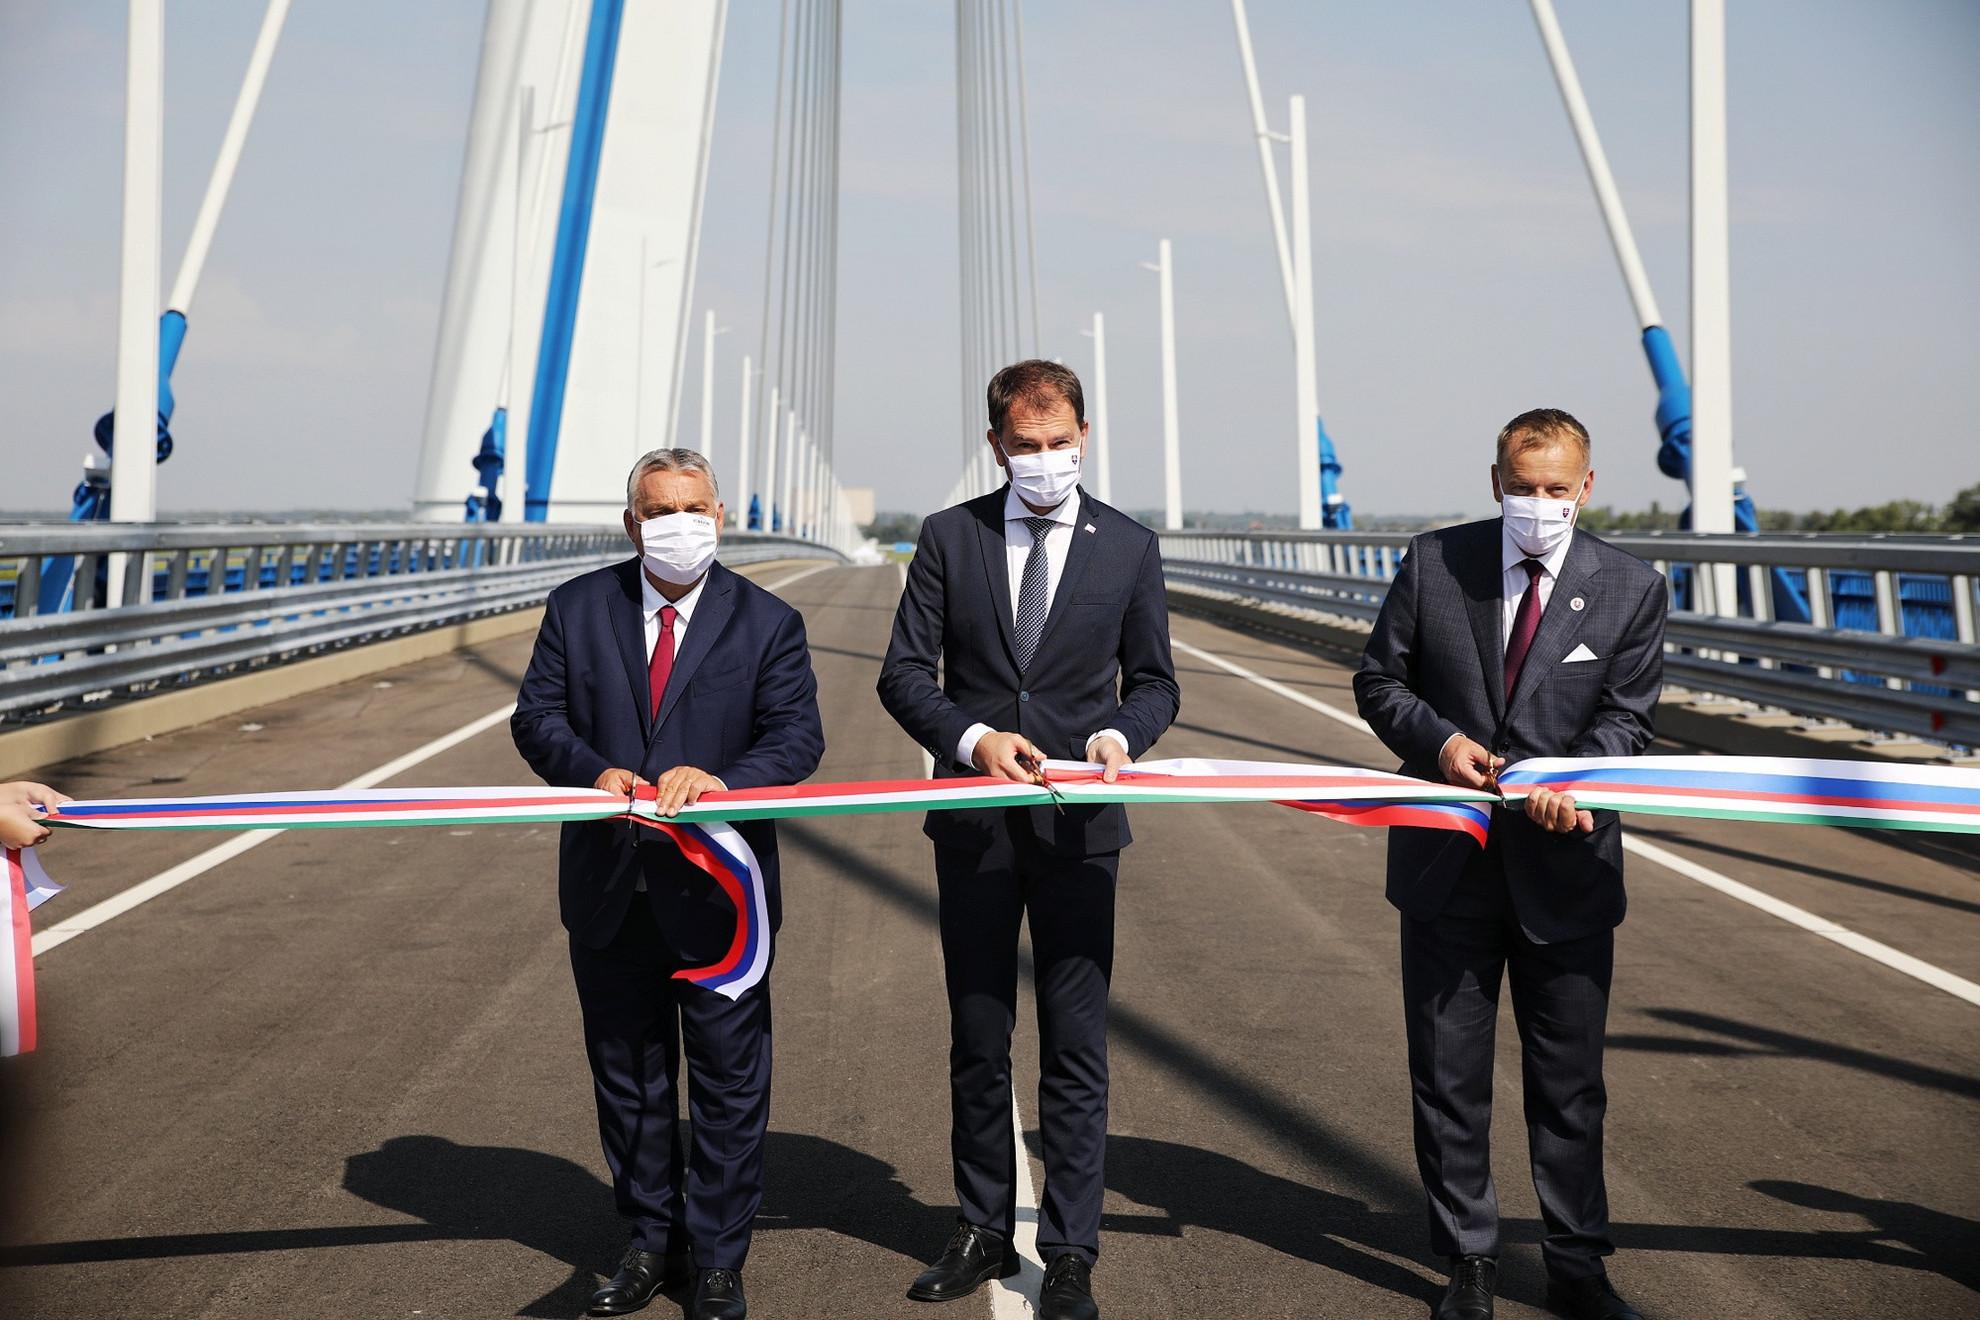 A kormányfő Igor Matovic szlovák miniszterelnök társaságában mondott beszédet az átadási ünnepségen